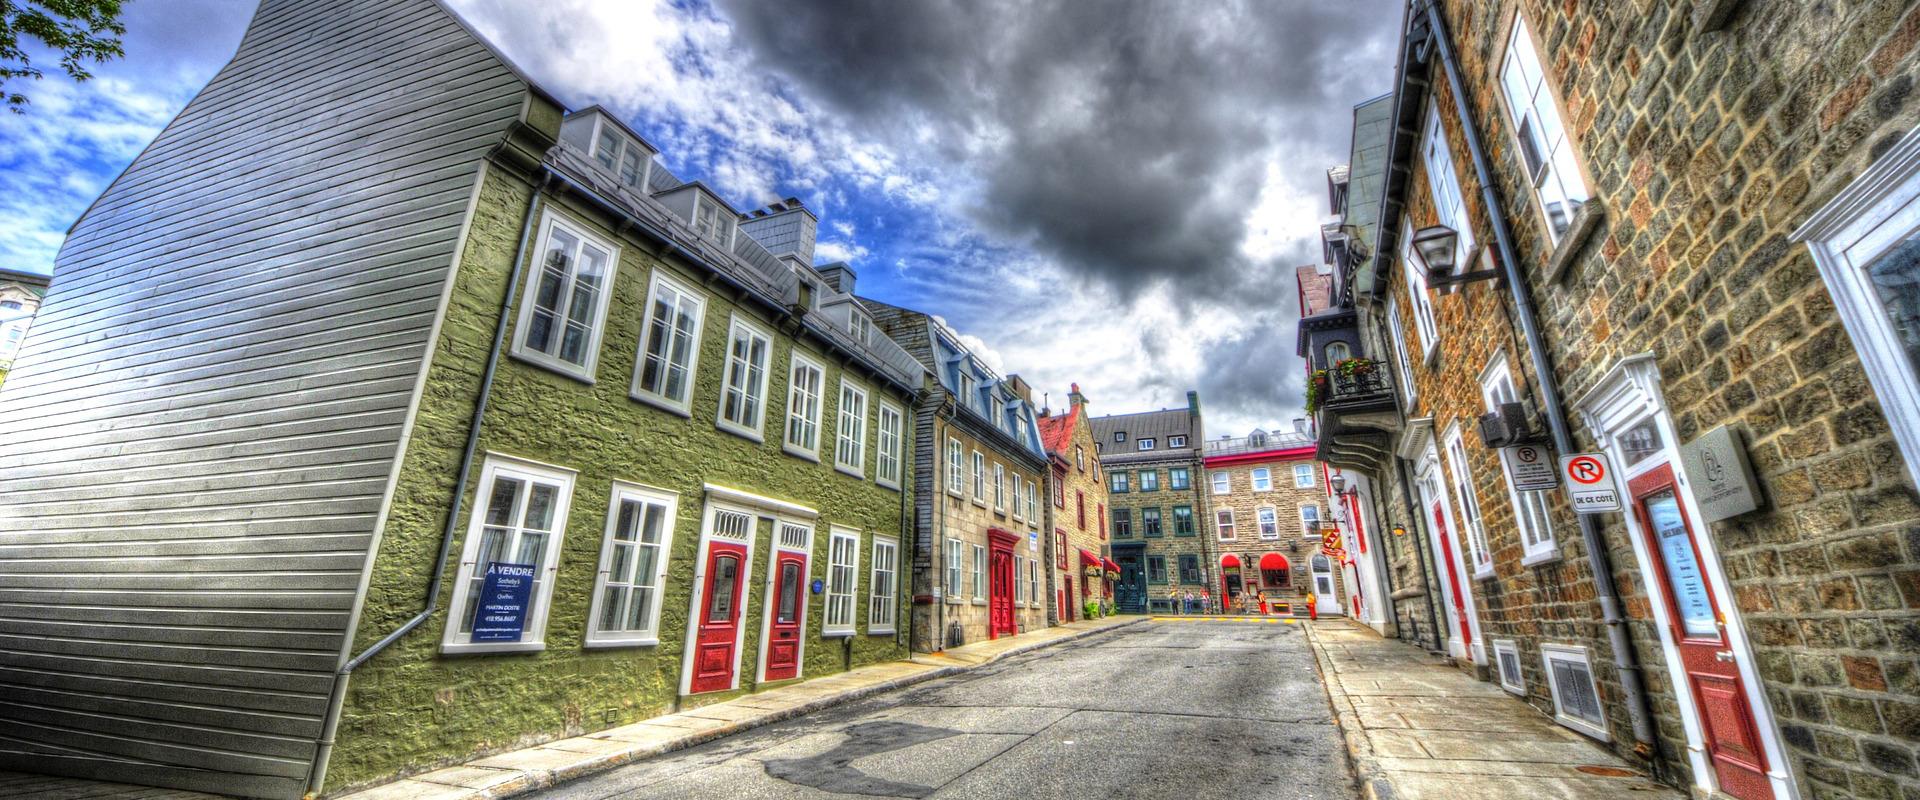 Canada | Quebec